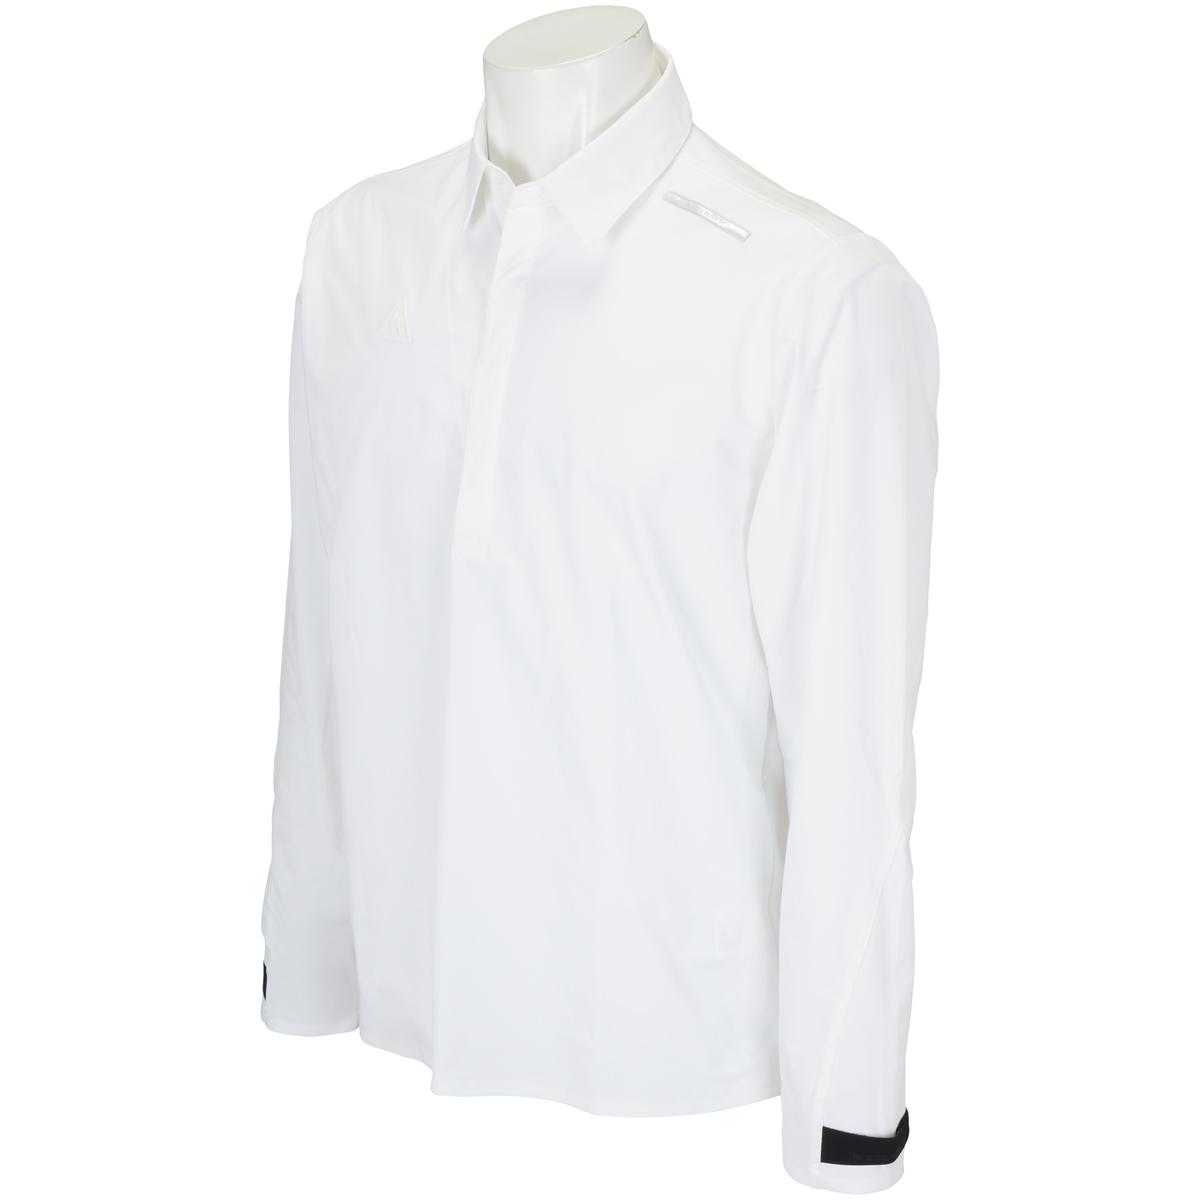 ストレッチ 長袖ポロシャツ